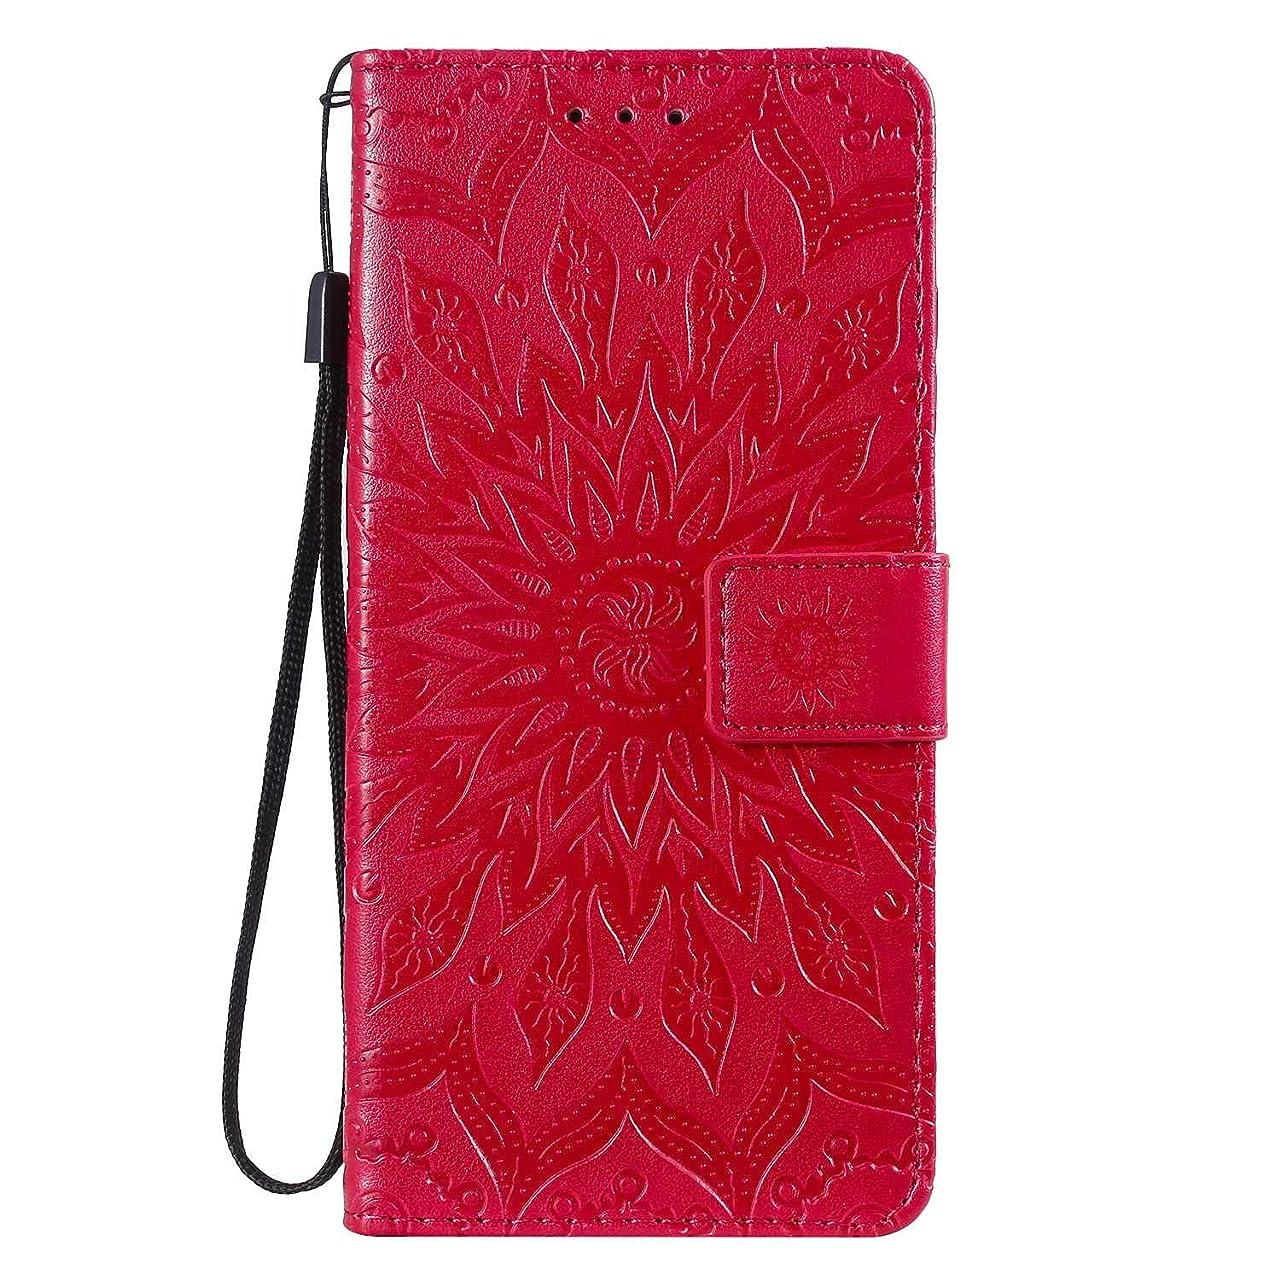 触手砲撃どう?OMATENTI Nokia 3.2 ケース, 良質 PUレザー 財布 フリップ ケース 耐衝撃性 衝撃吸収 液晶保護 ケース電話カバー 付きカードスロット, リストストラップ, 横置きスタンド機能付き, 赤